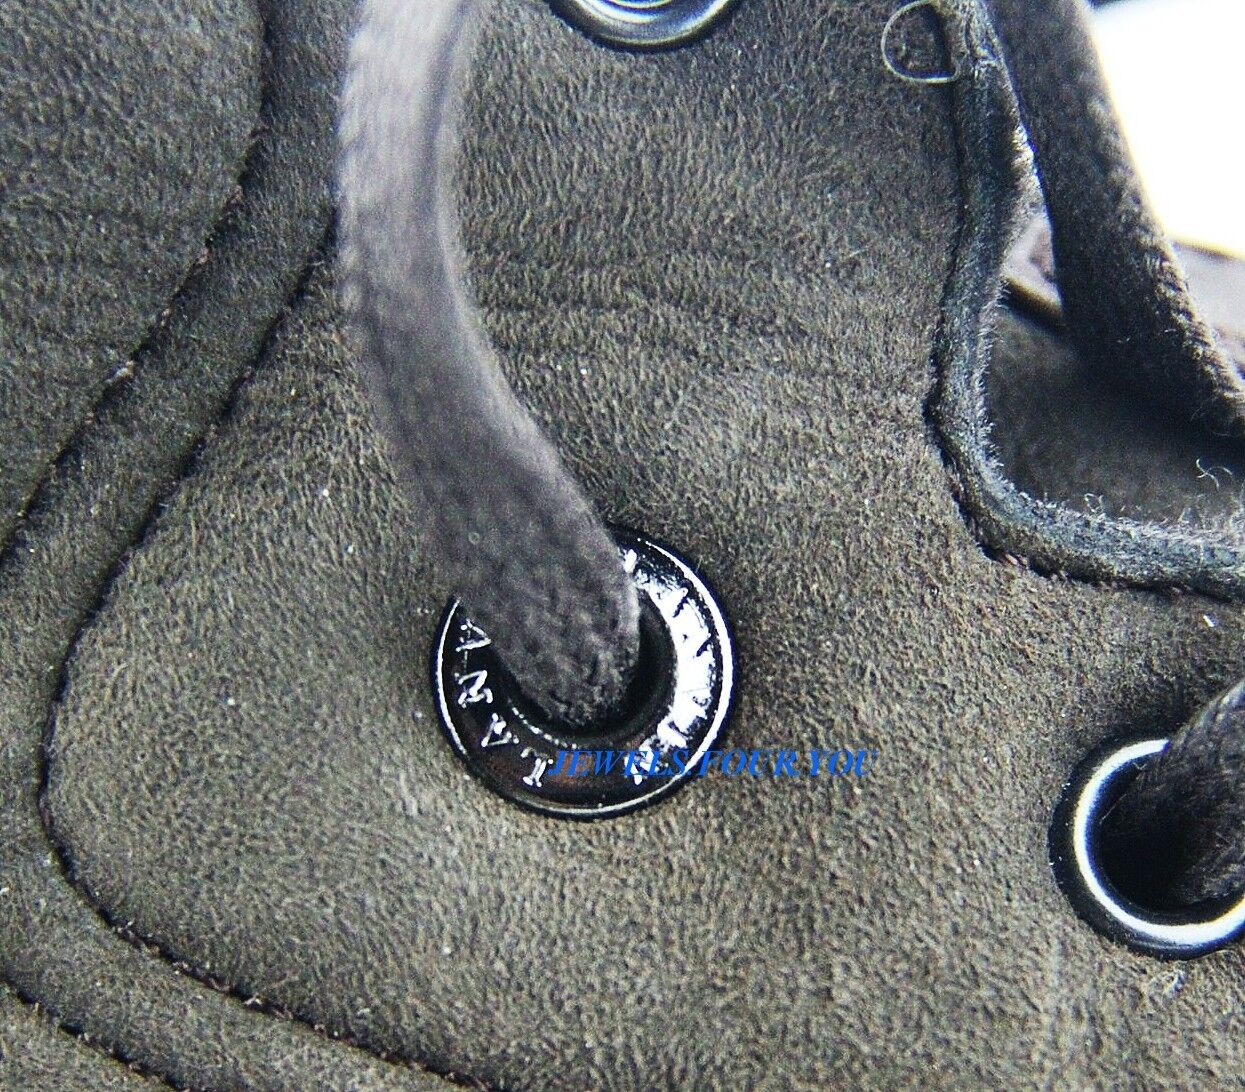 LANVIN LANVIN LANVIN Marronee 100% LEATHER SHEARLING FUR RUBBER SOLE TALL scarpe  ITALY   28 NEW cb7c5c